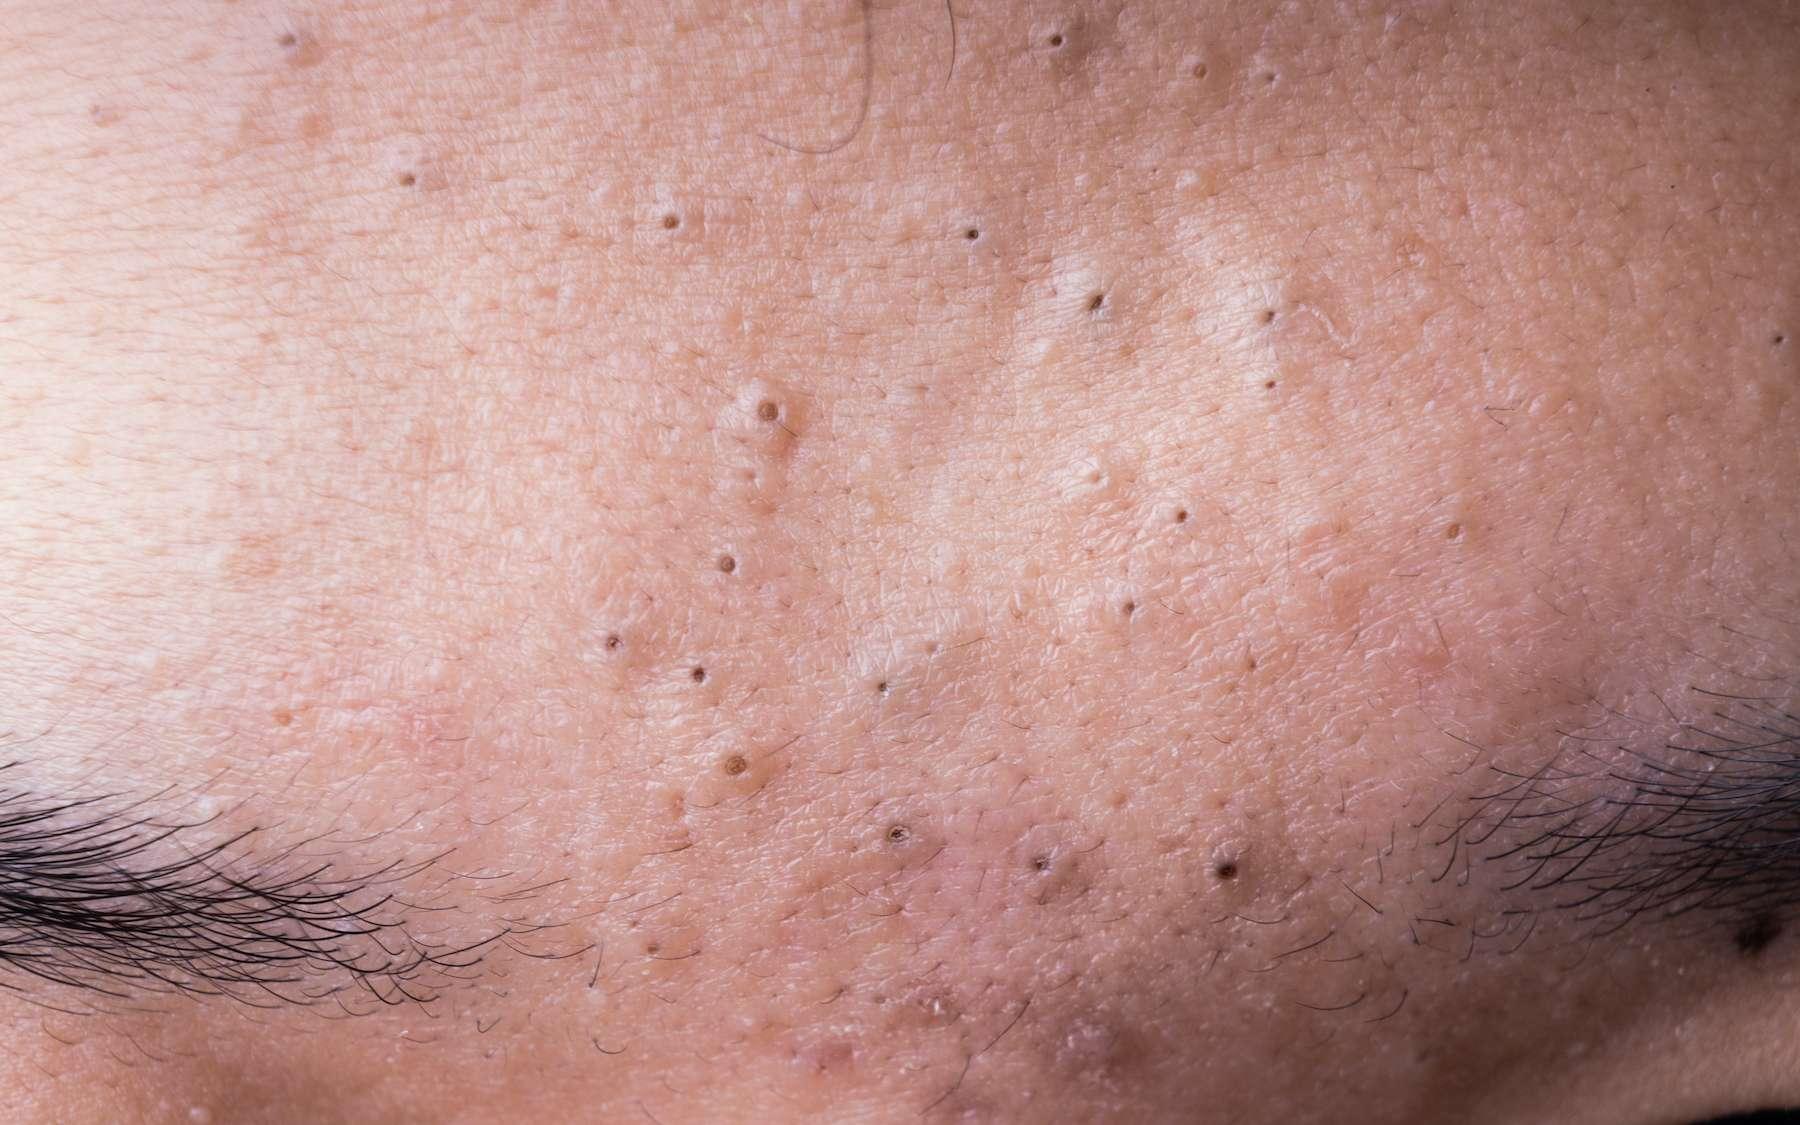 Le comédon est un amas de graisse et de cellules mortes bouchant les pores cutanés. © ThamKC, Adobe Stock